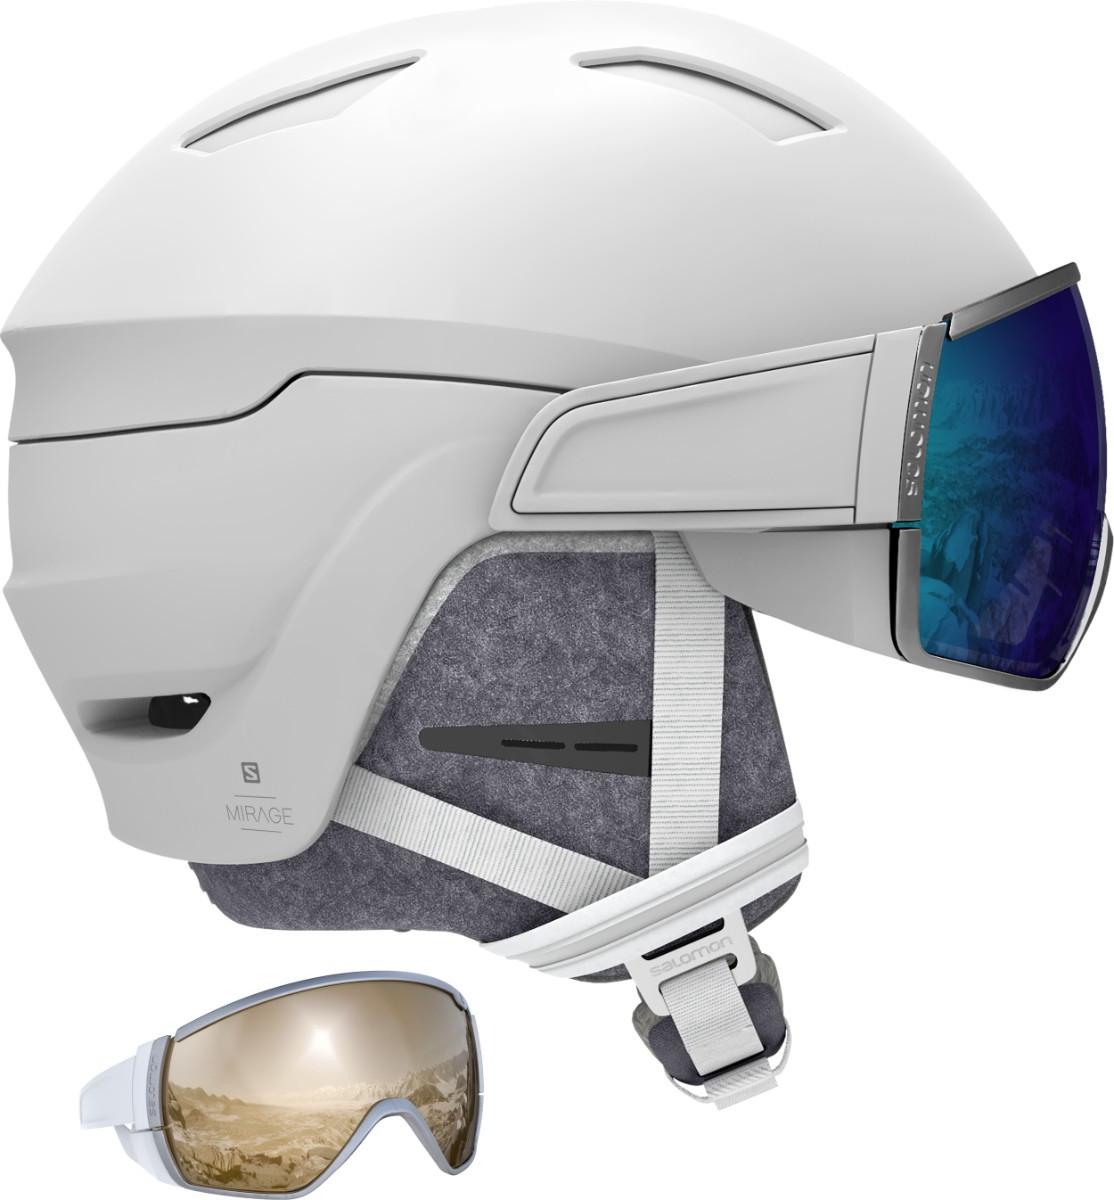 Salomon Mirage - bílá Velikost helmy: S 2019/2020